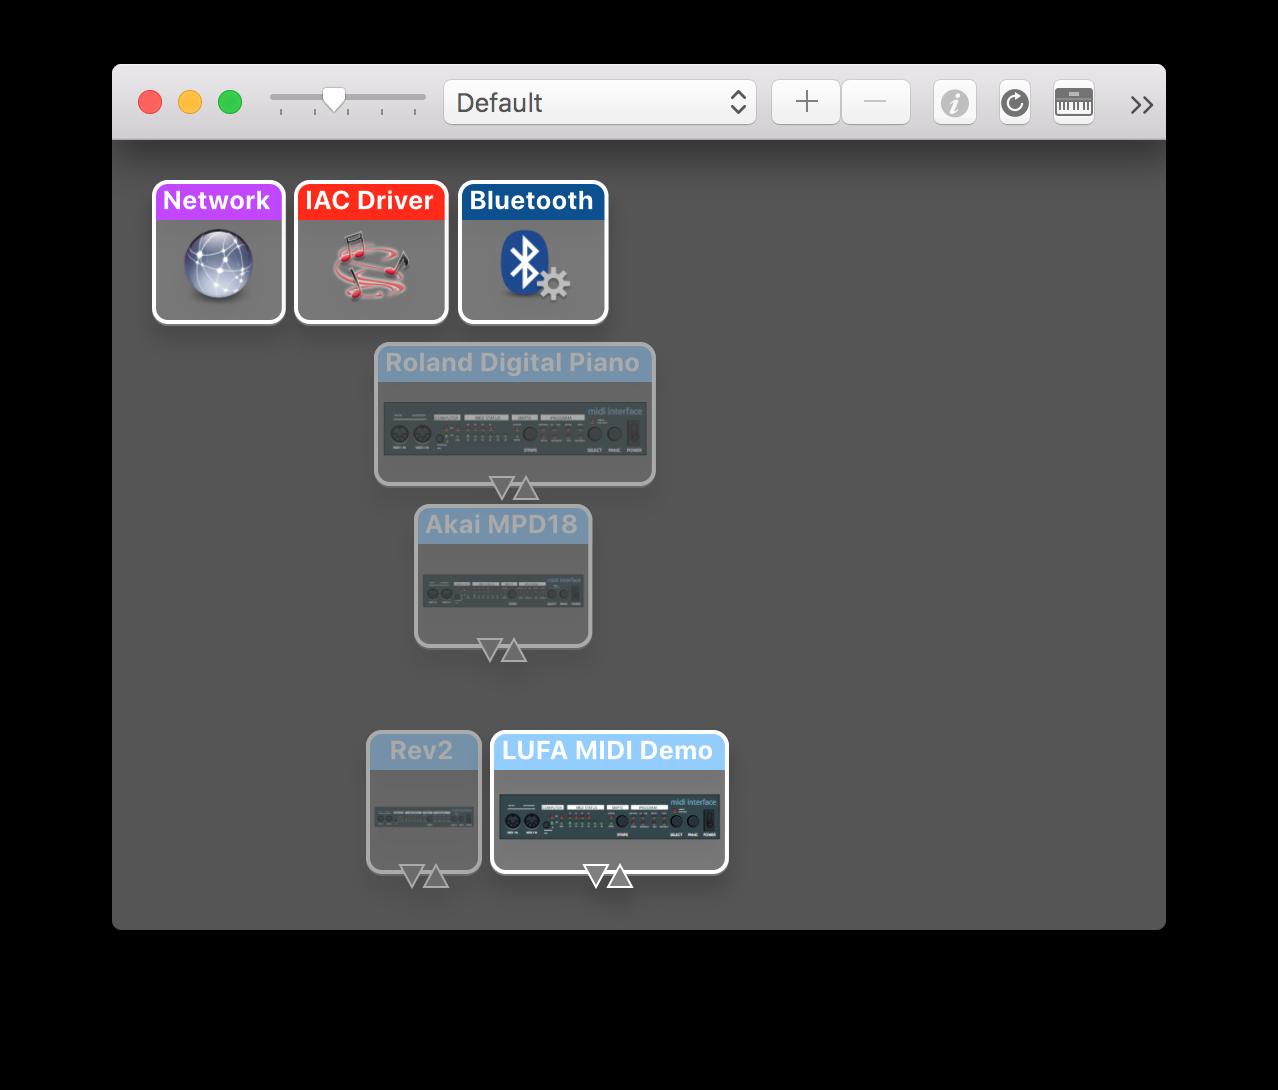 static/img/14_midi_setup.png